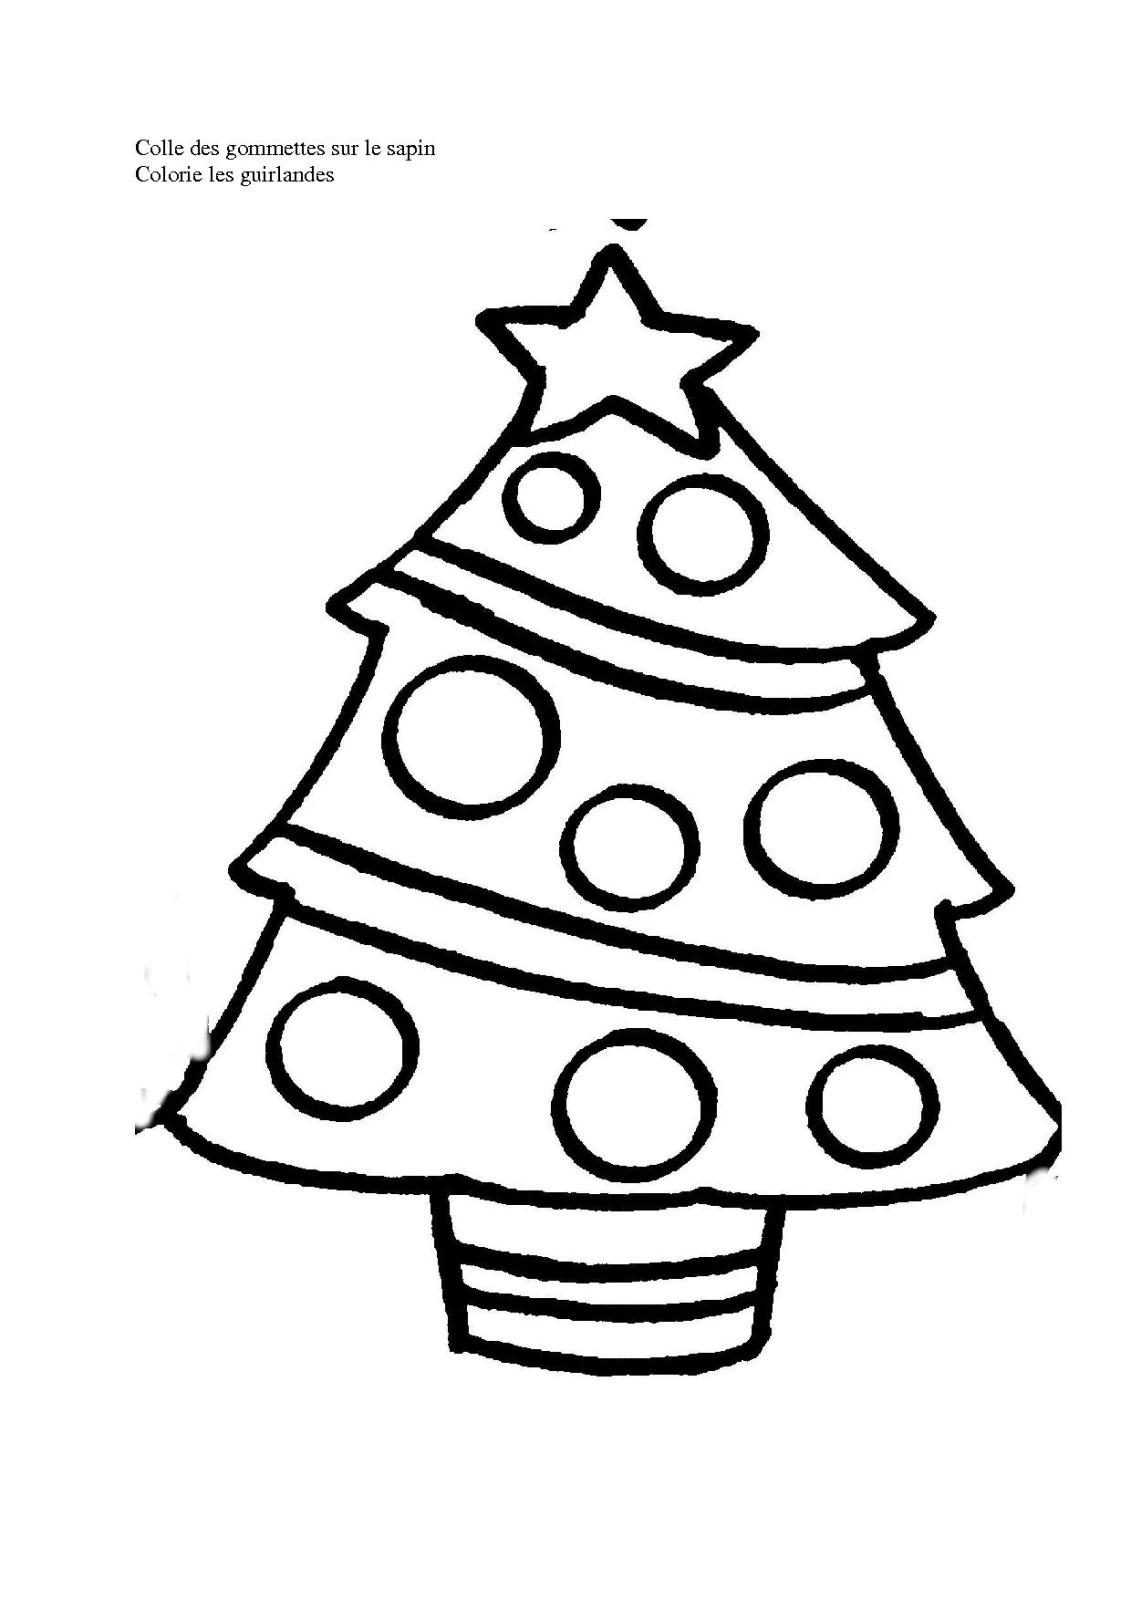 Sapin De Noël #56 (Objets) – Coloriages À Imprimer destiné Sapin De Noel A Colorier Gratuit